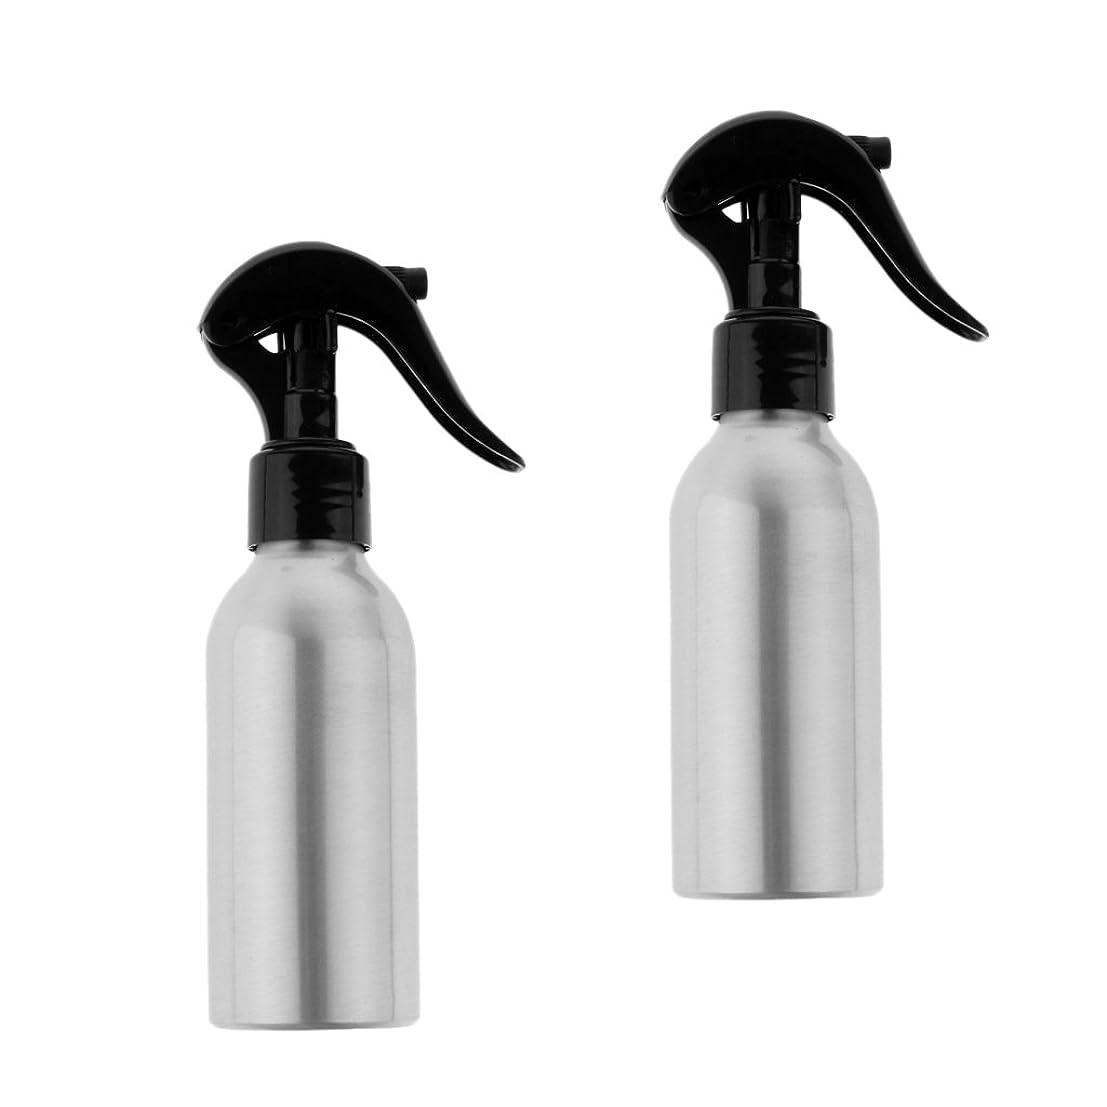 行為順番どういたしましてPerfeclan 2個 スプレーボトル 120ml ウォーターミスト トリガー スプレーボトル 空チューブ スプレーボトル 旅行 3色選べる - ブラック